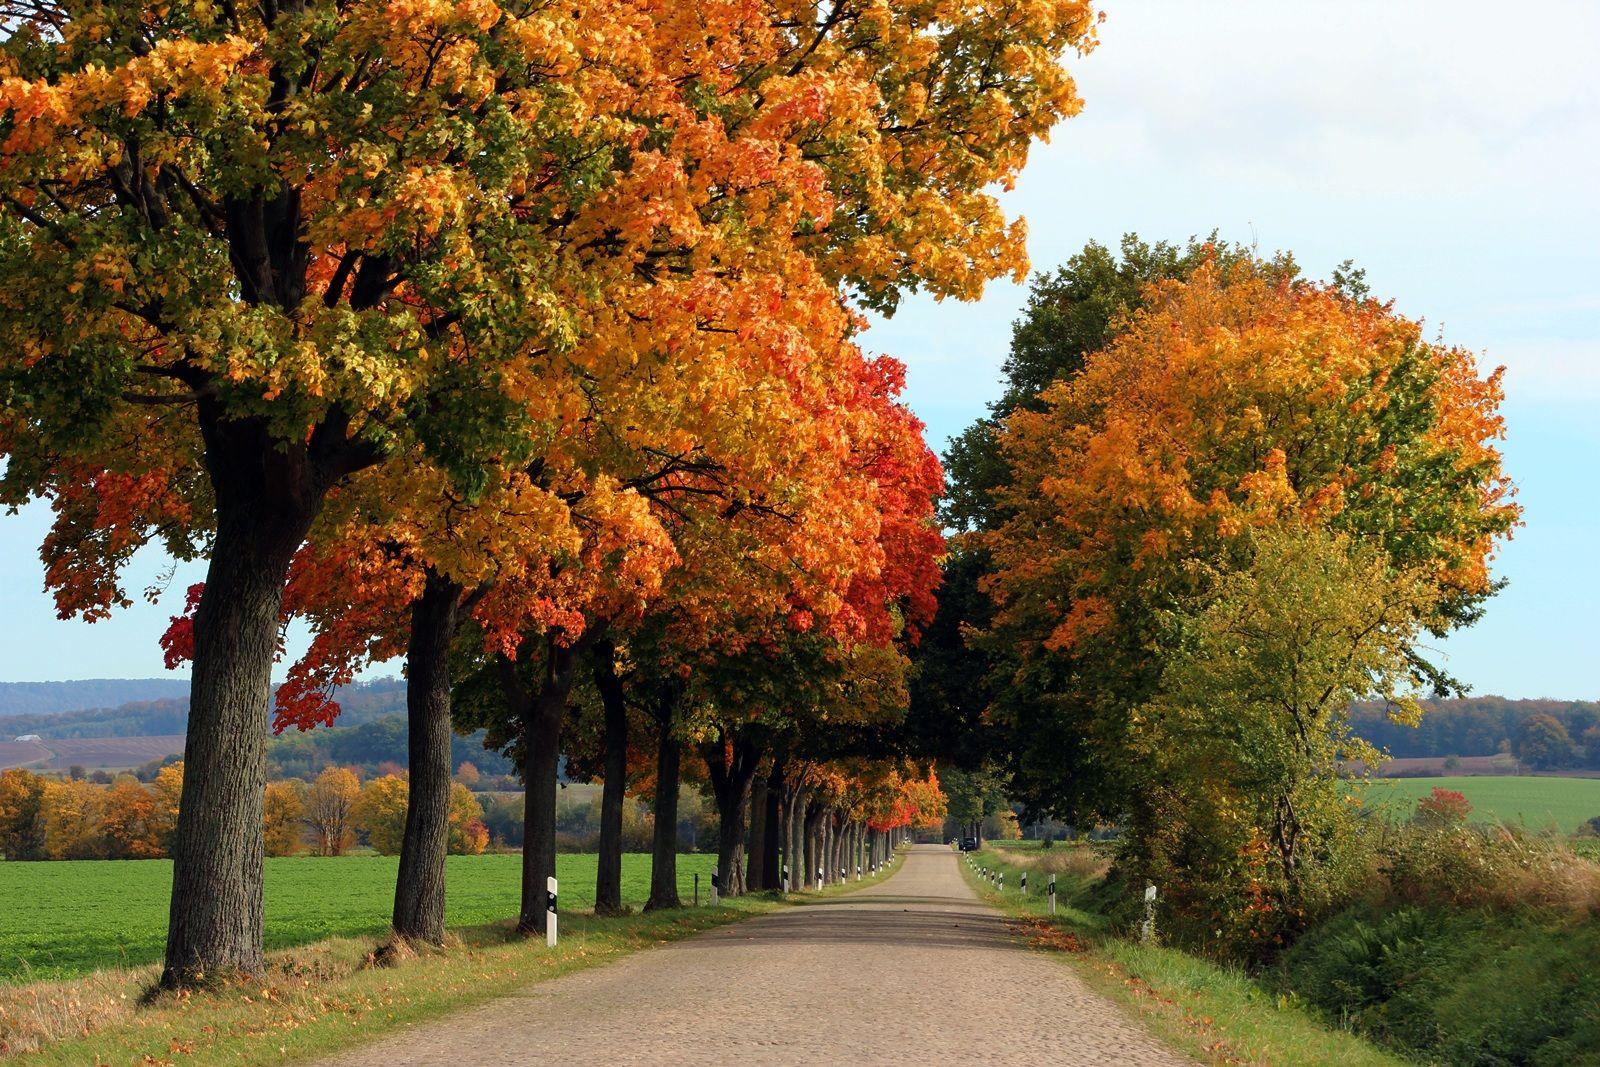 16.10.2012 In der Gemeinde Emmerthal zeigt sich der Herbst von seiner schönsten Seite. Rolf Sander aus Grohnde hat dieses herrlich bunte Farbenspiel mit seiner Kamera festgehalten.